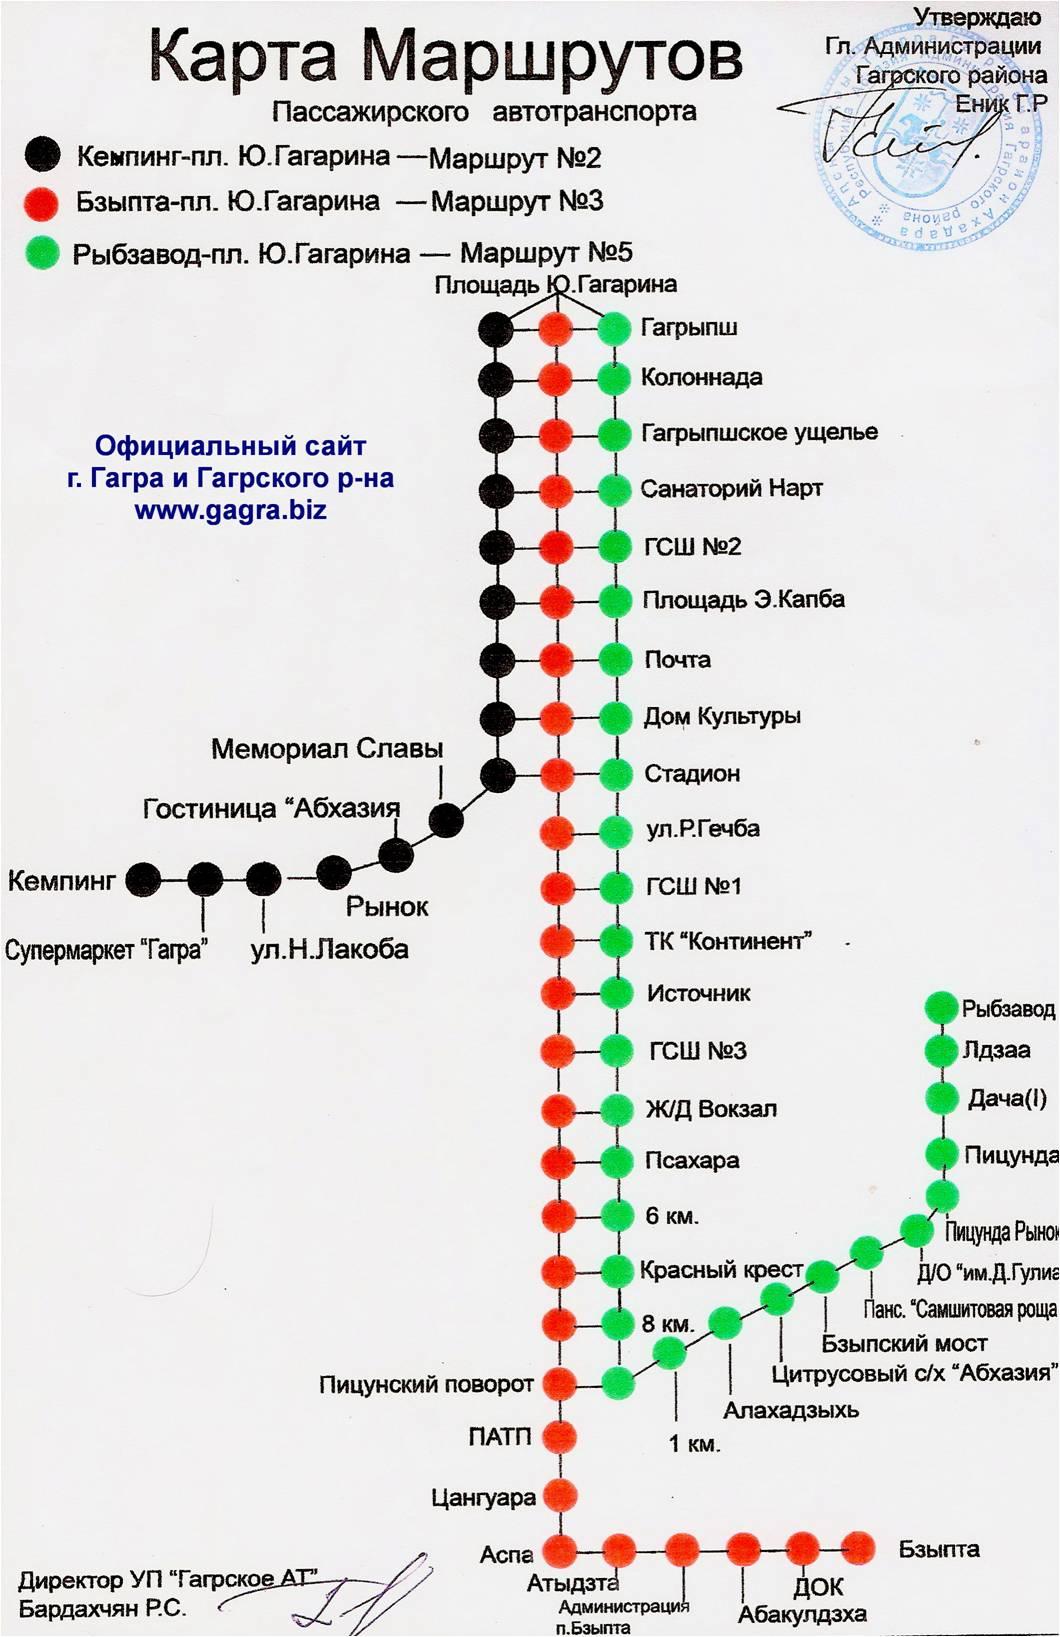 Маршруты муниципального транспорта Гагры